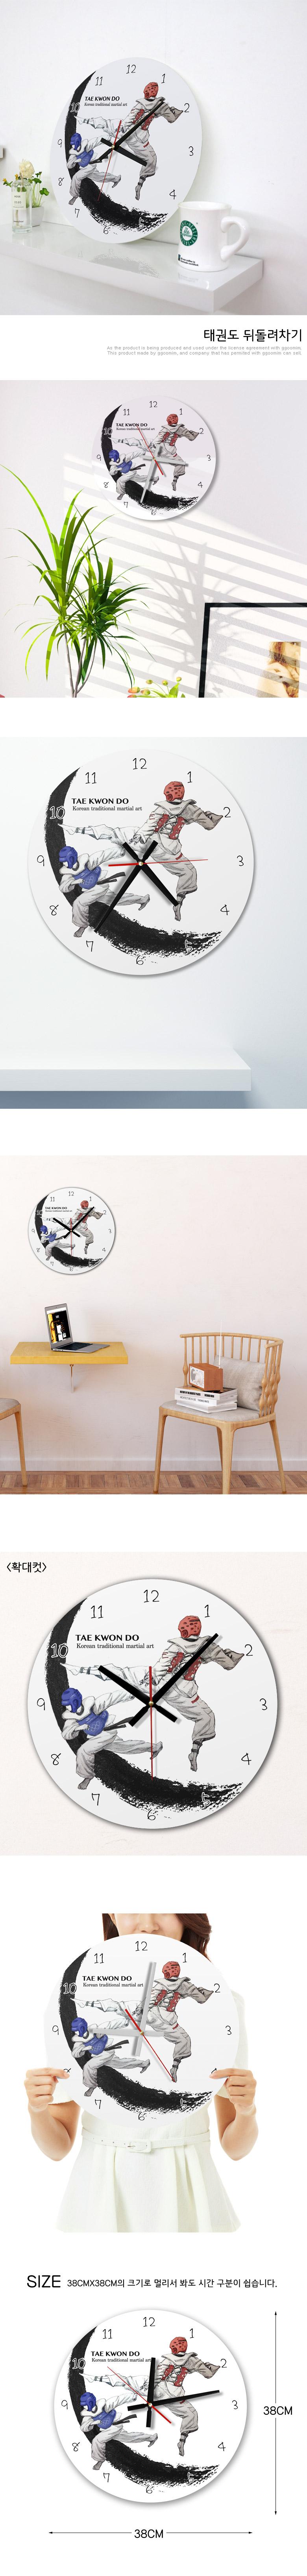 cs220-태권도뒤돌려차기_인테리어벽시계 - 꾸밈, 19,600원, 벽시계, 무소음/저소음